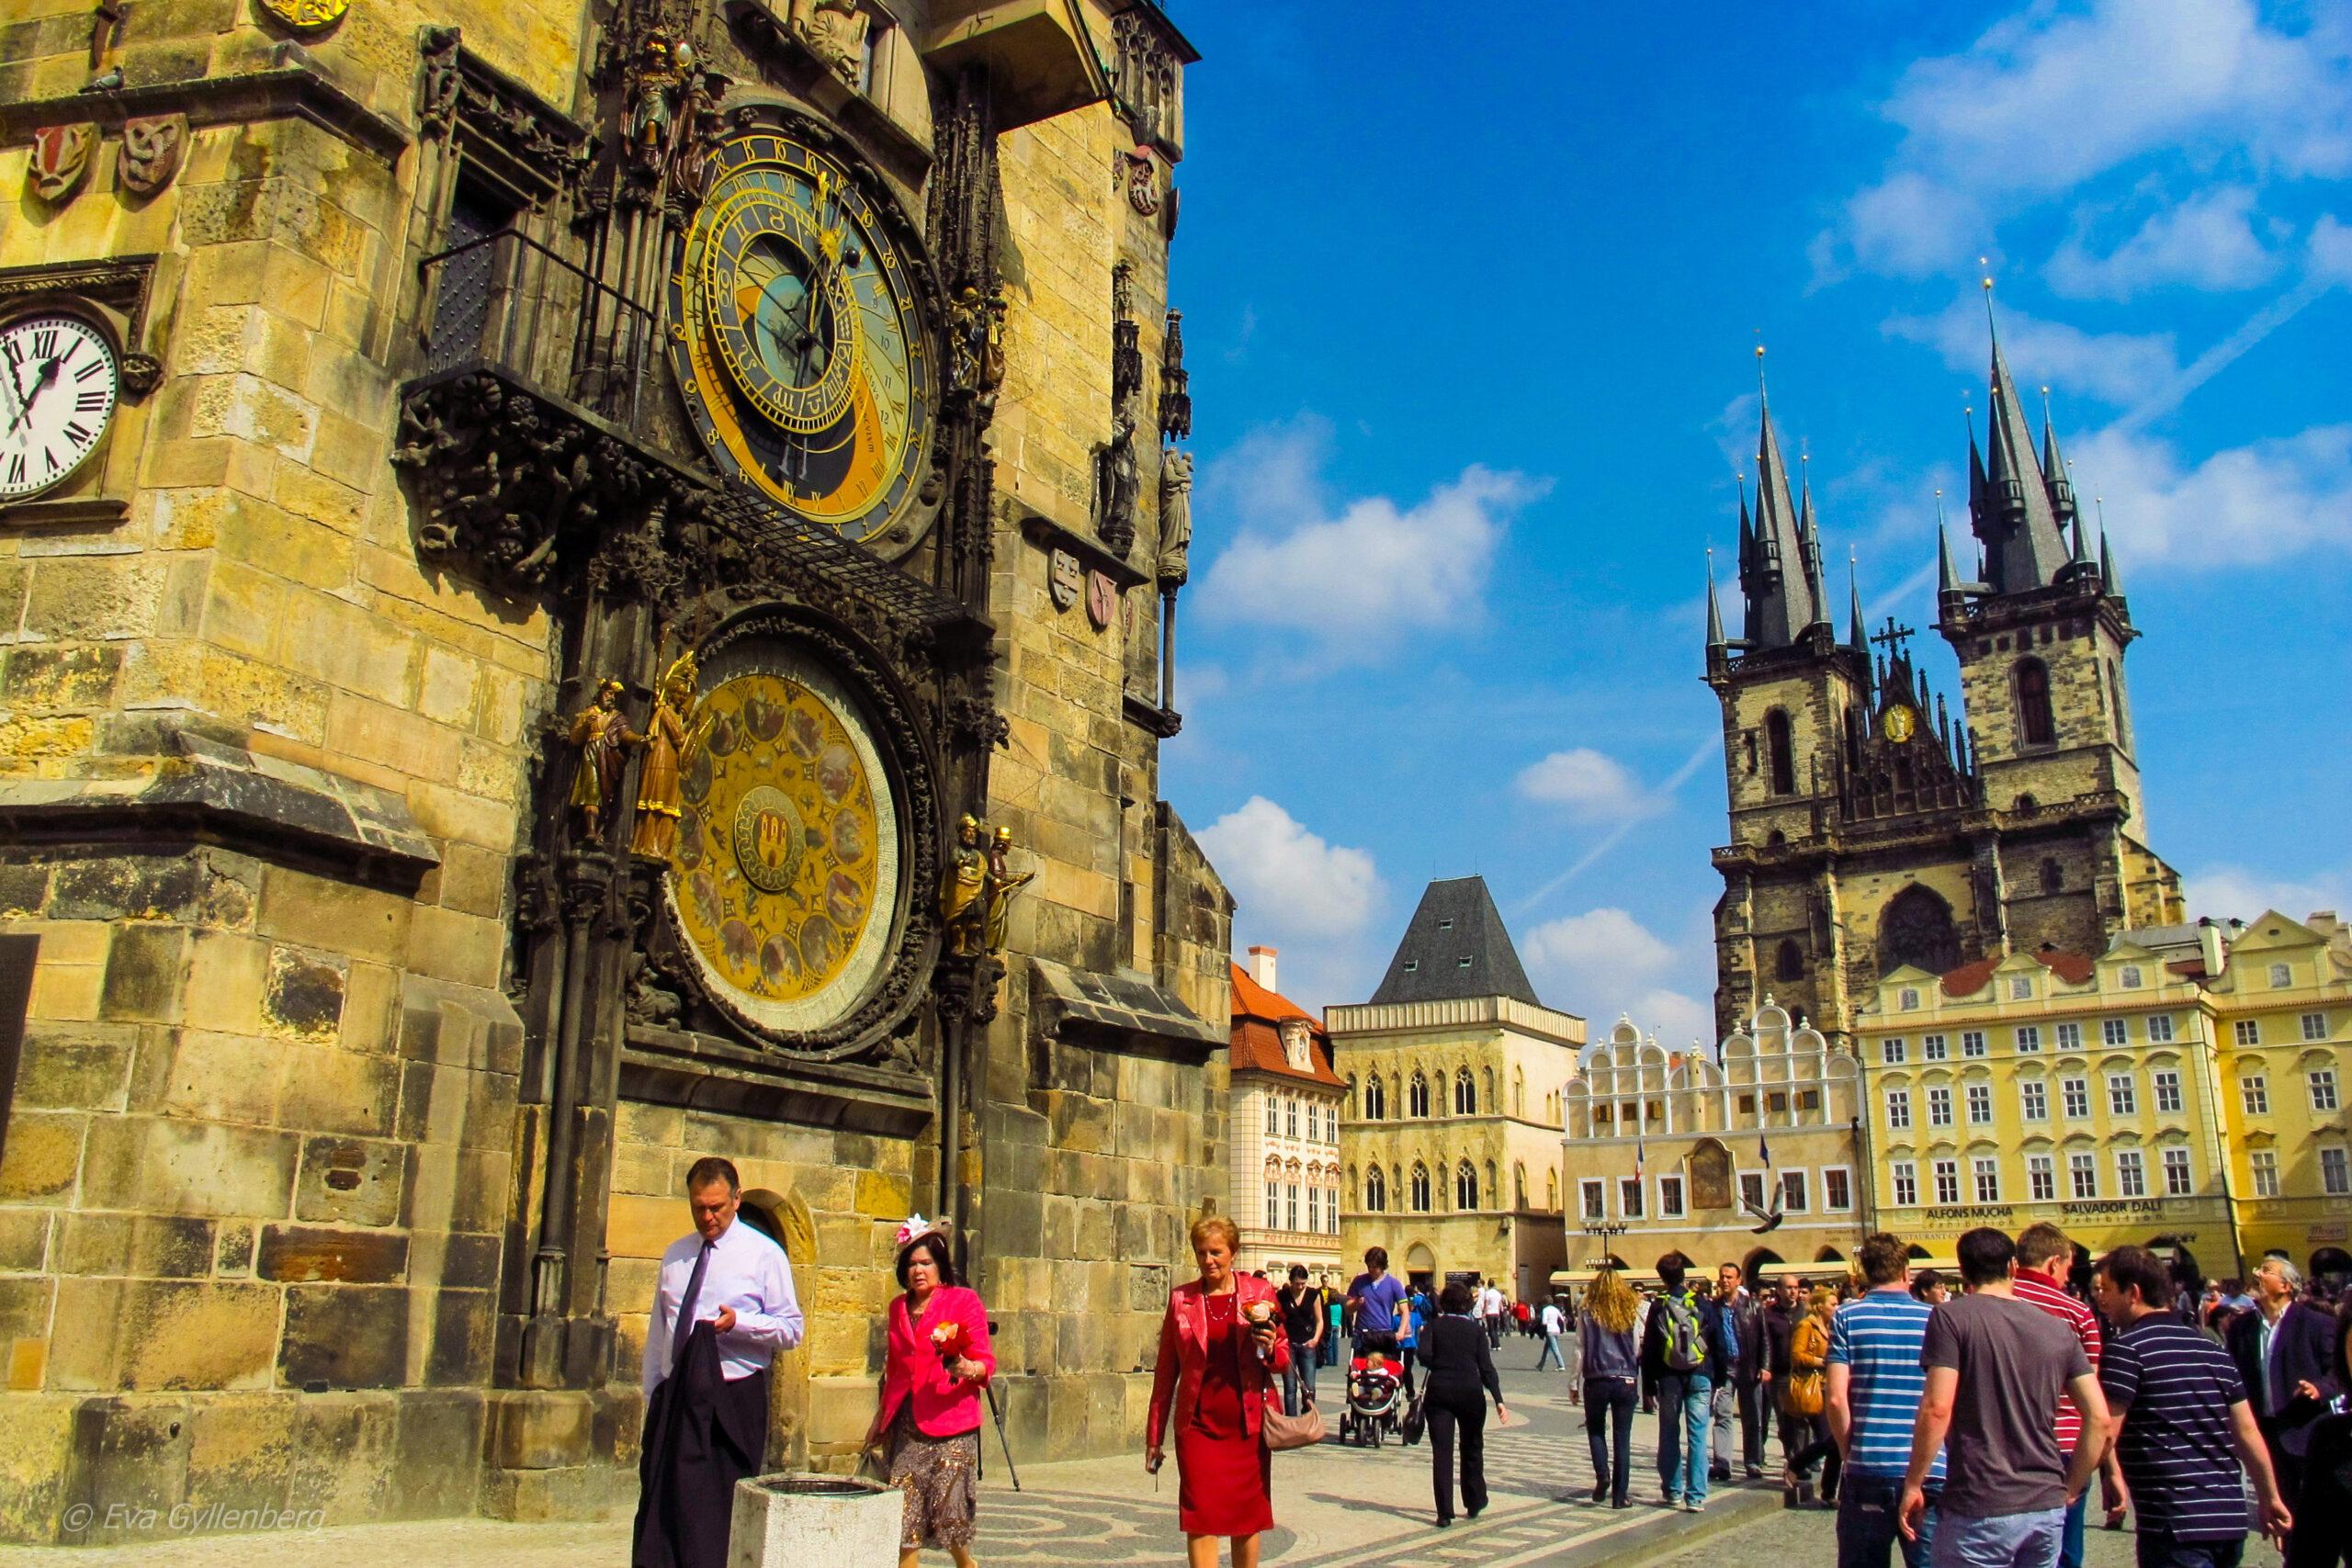 Rådhuset och astronomiska uret - Prag